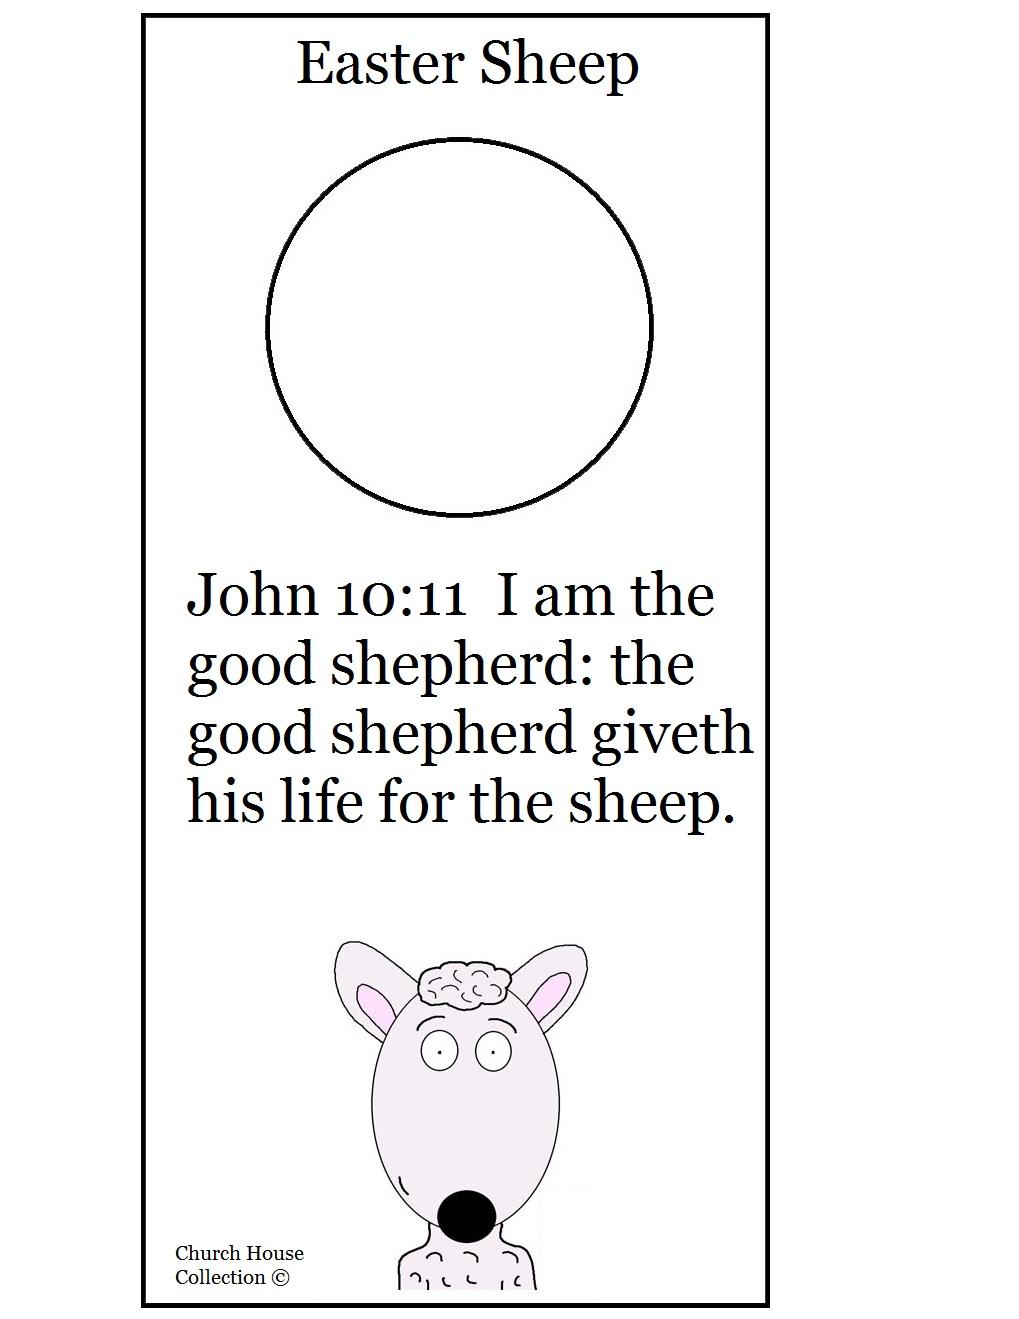 Easter Sheep Doorknob Hanger